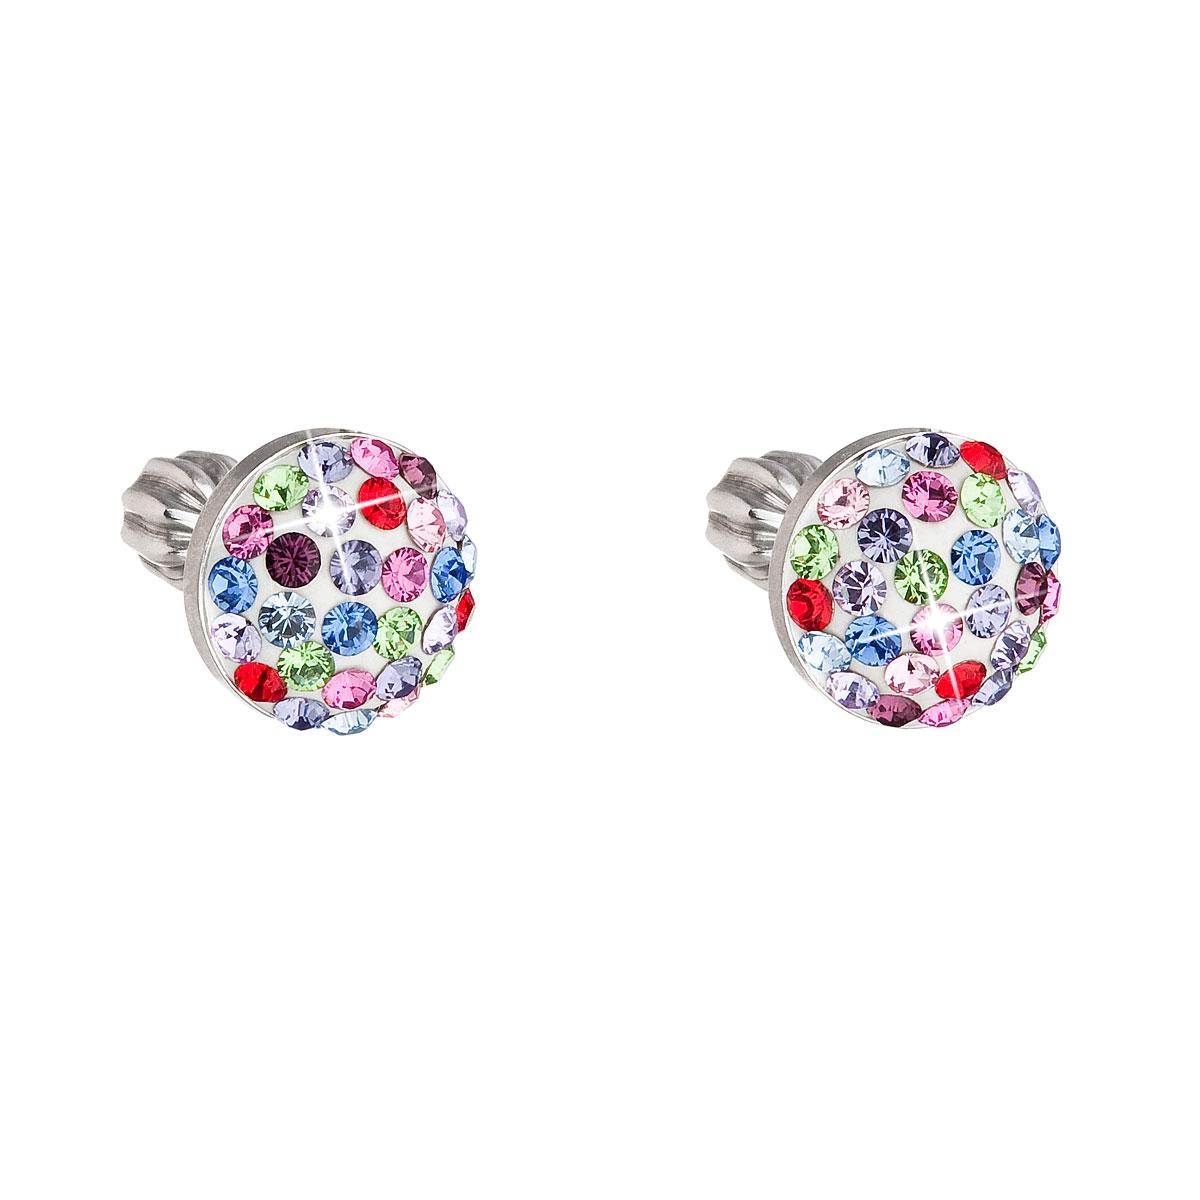 Strieborné náušnice s kryštálmi Crystals from Swarovski ® 337b9281e96